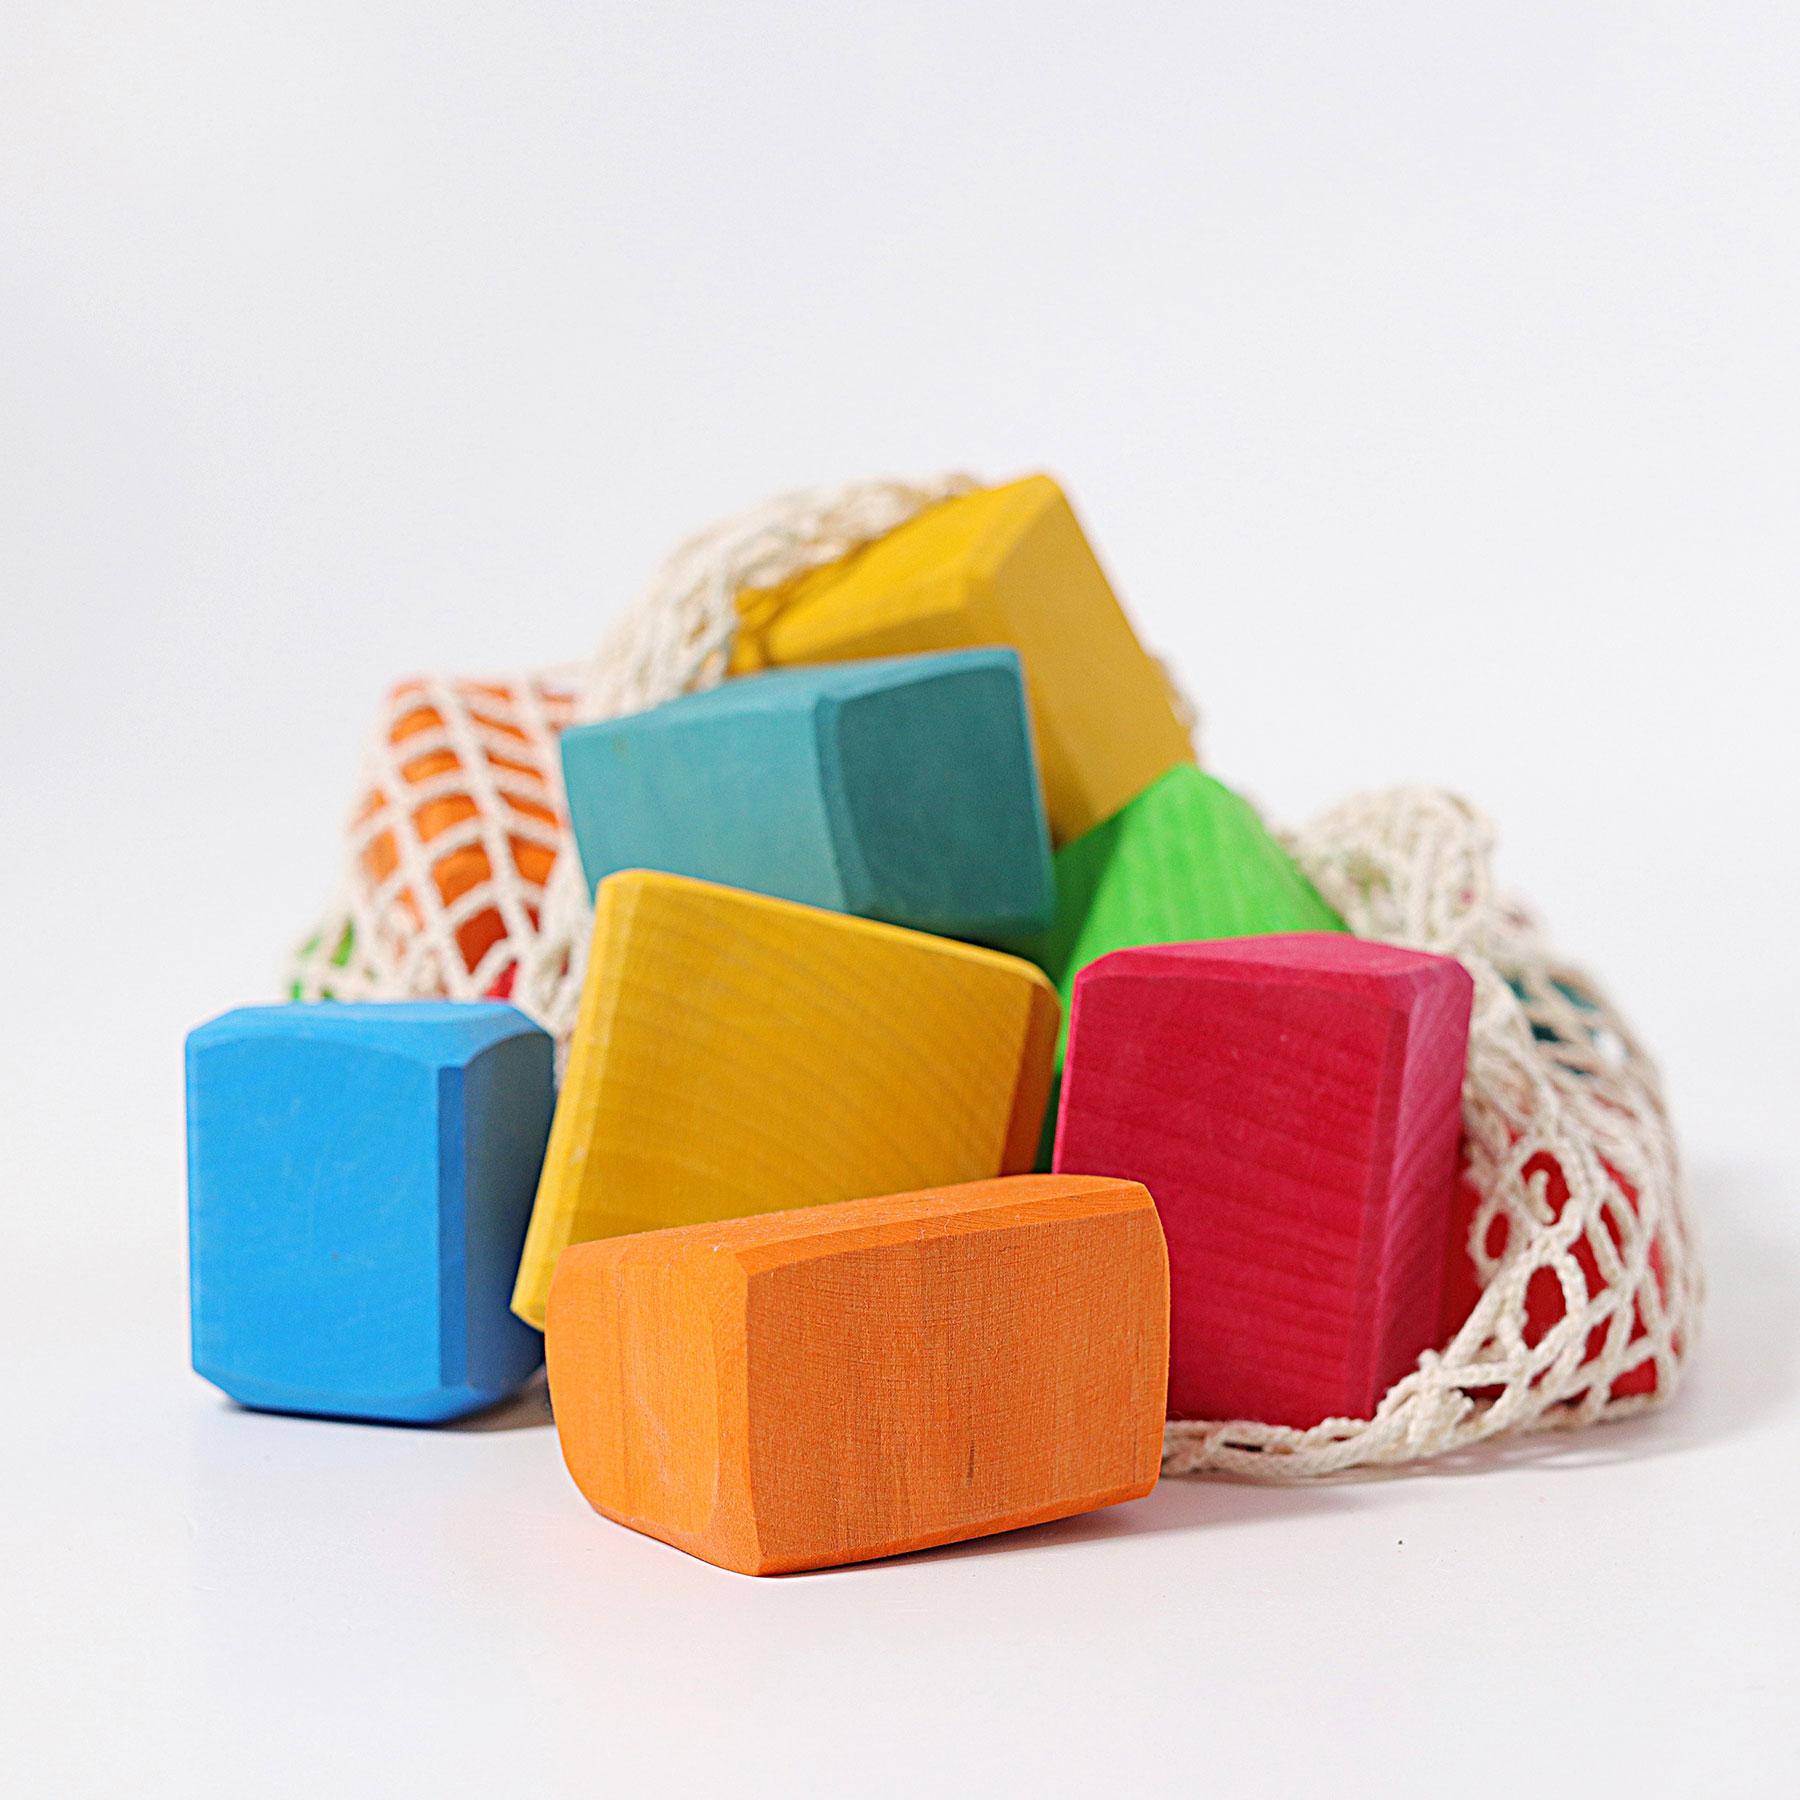 Img Galeria Saco de bloques de construcción rainbow